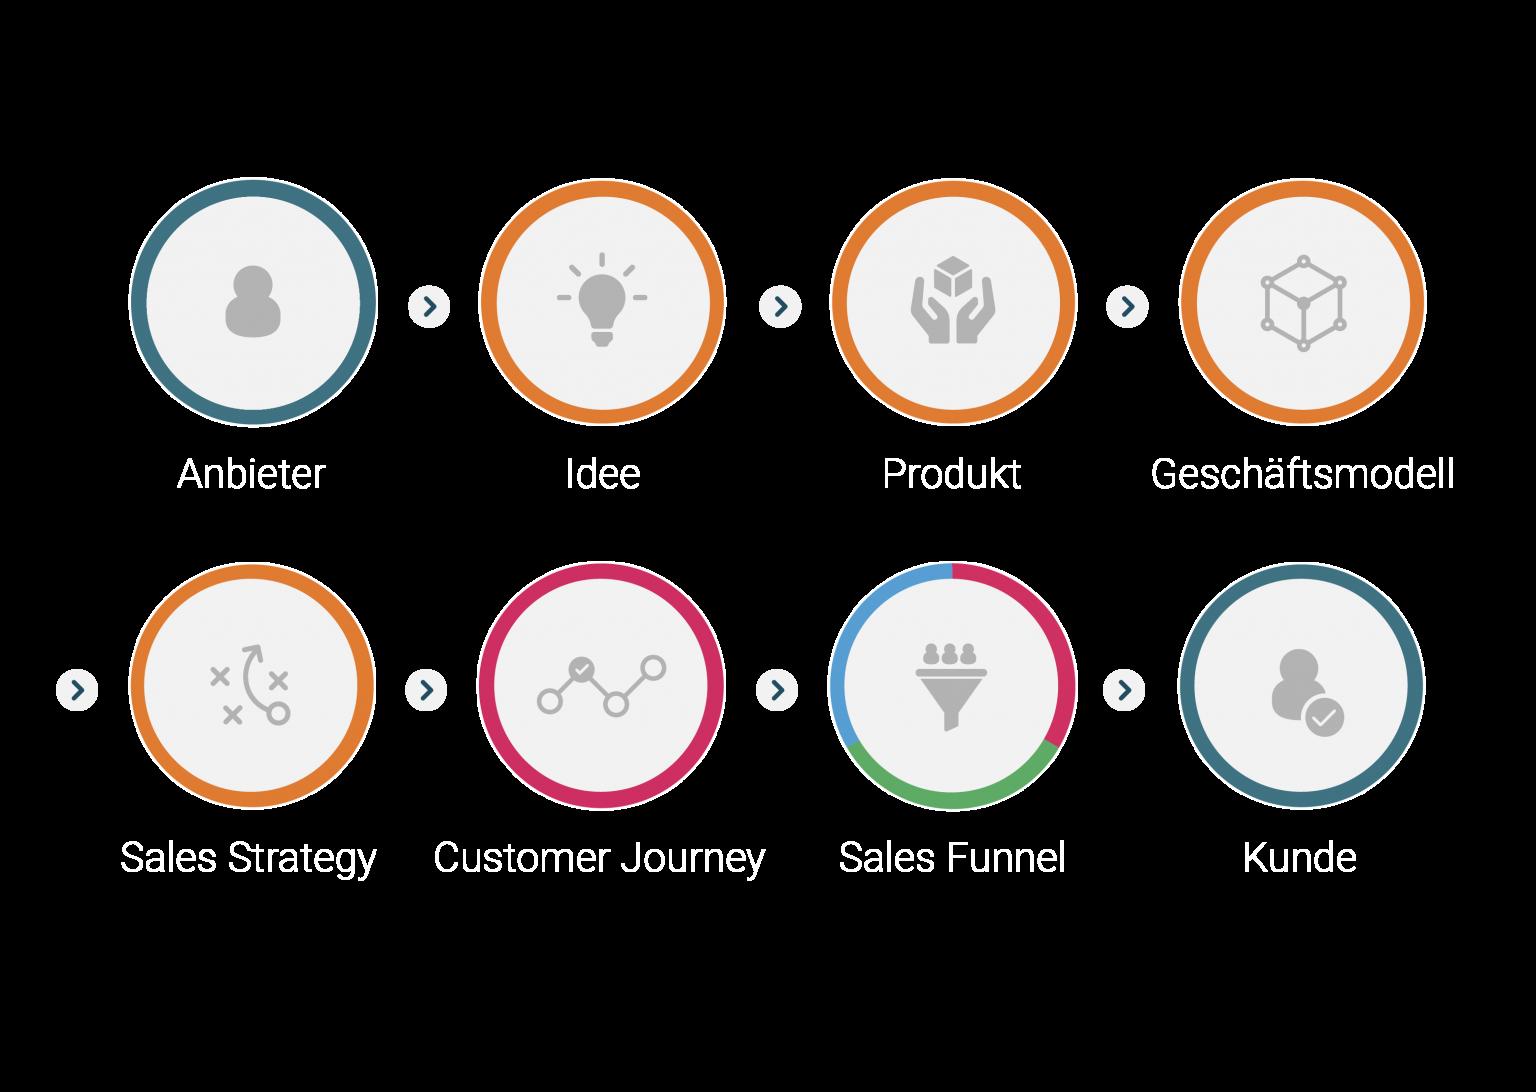 netsales - Vendor Sales Prozess